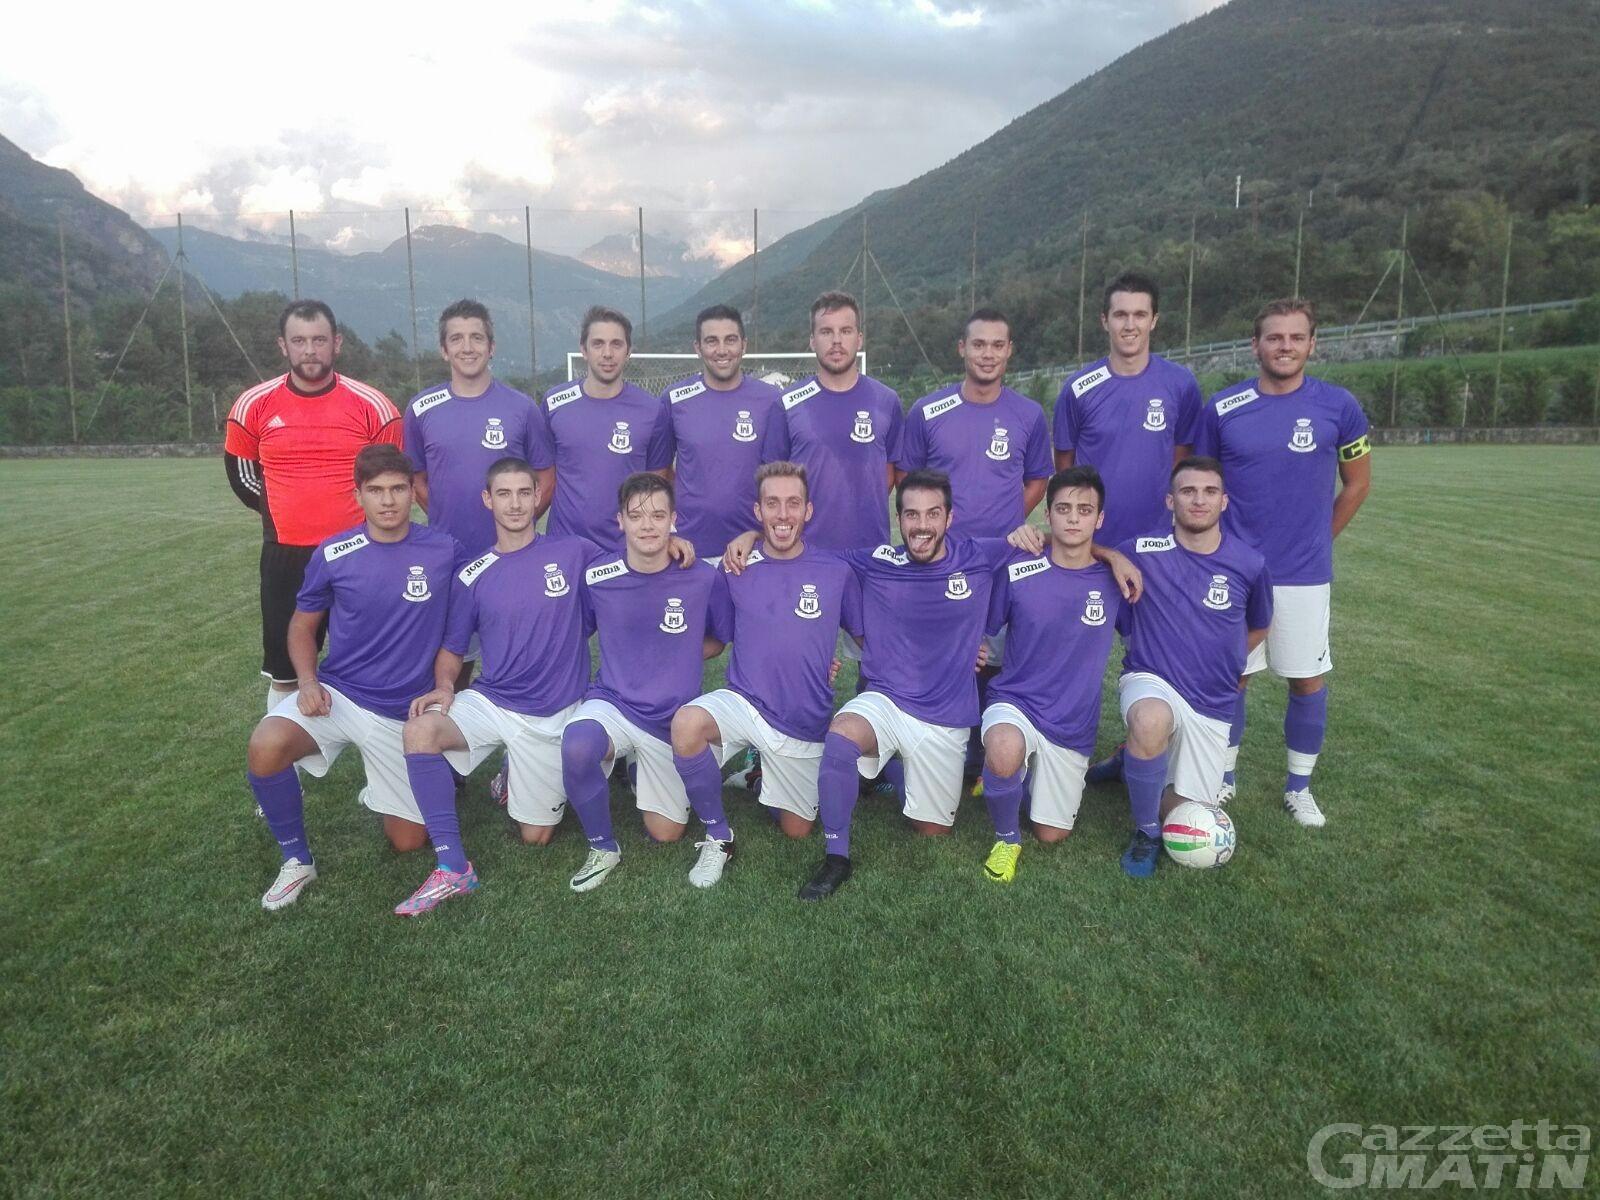 Calcio: Grand Paradis e Quart vincono in Coppa Piemonte